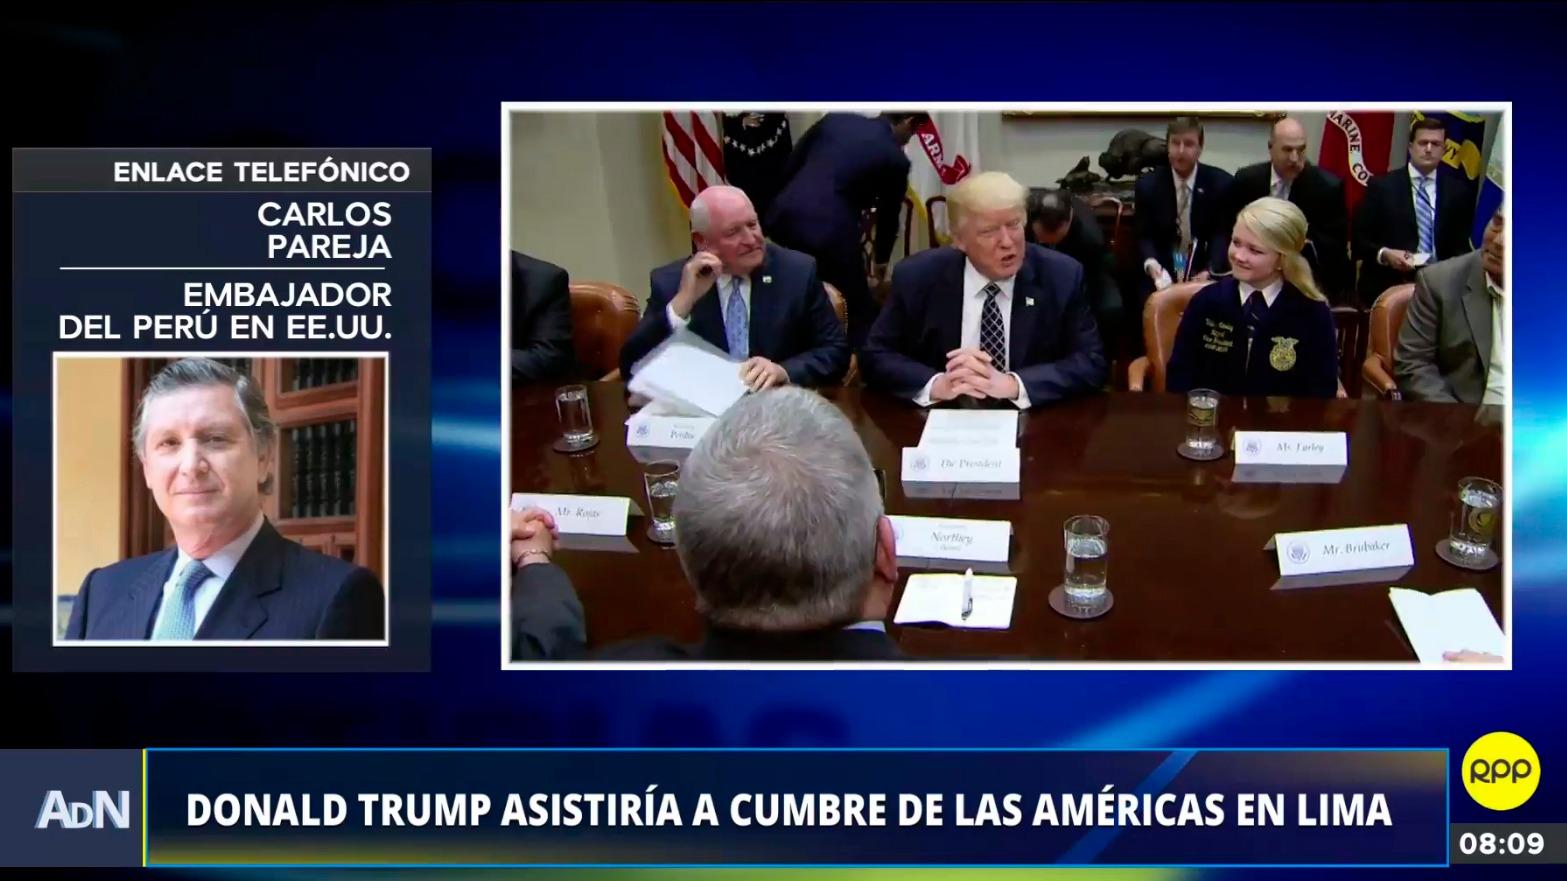 Donald Trump asistiría a Cumbre de las Américas